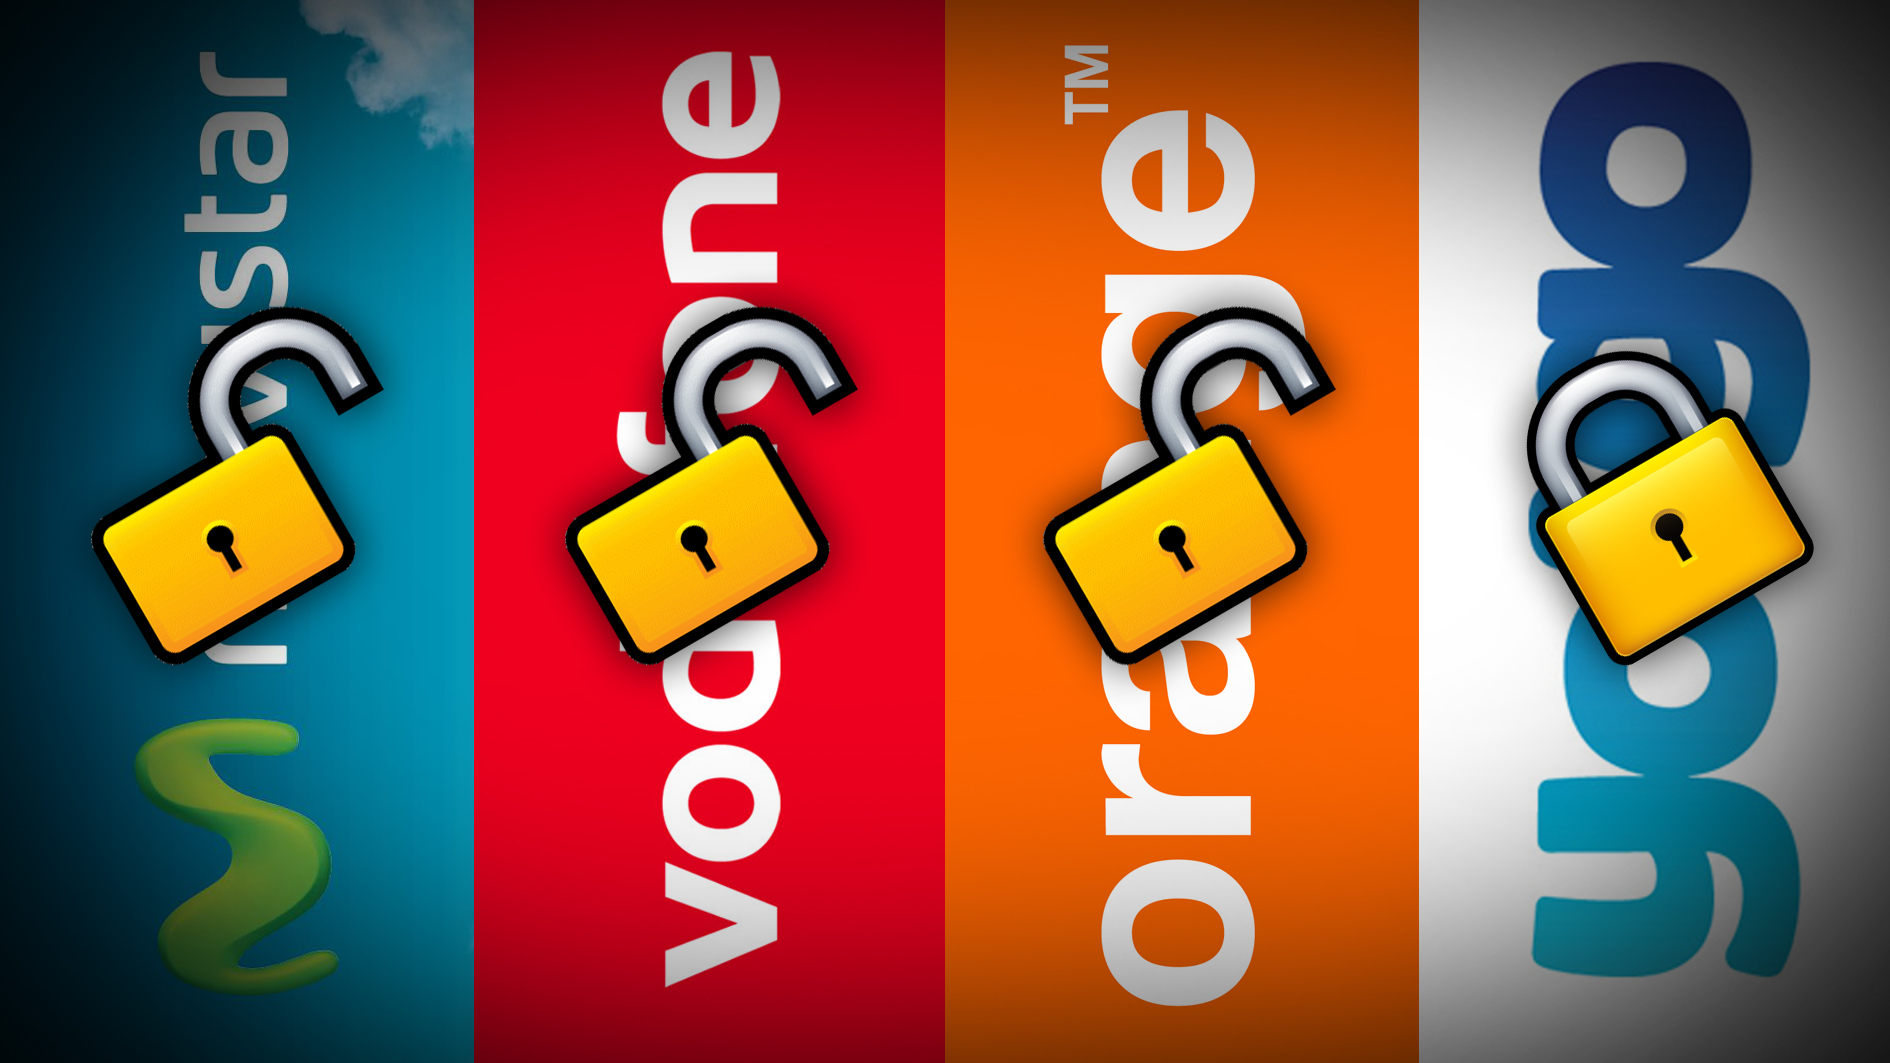 �Vodafone te cobr� por liberar tu m�vil? S�mate gratis a la demanda colectiva